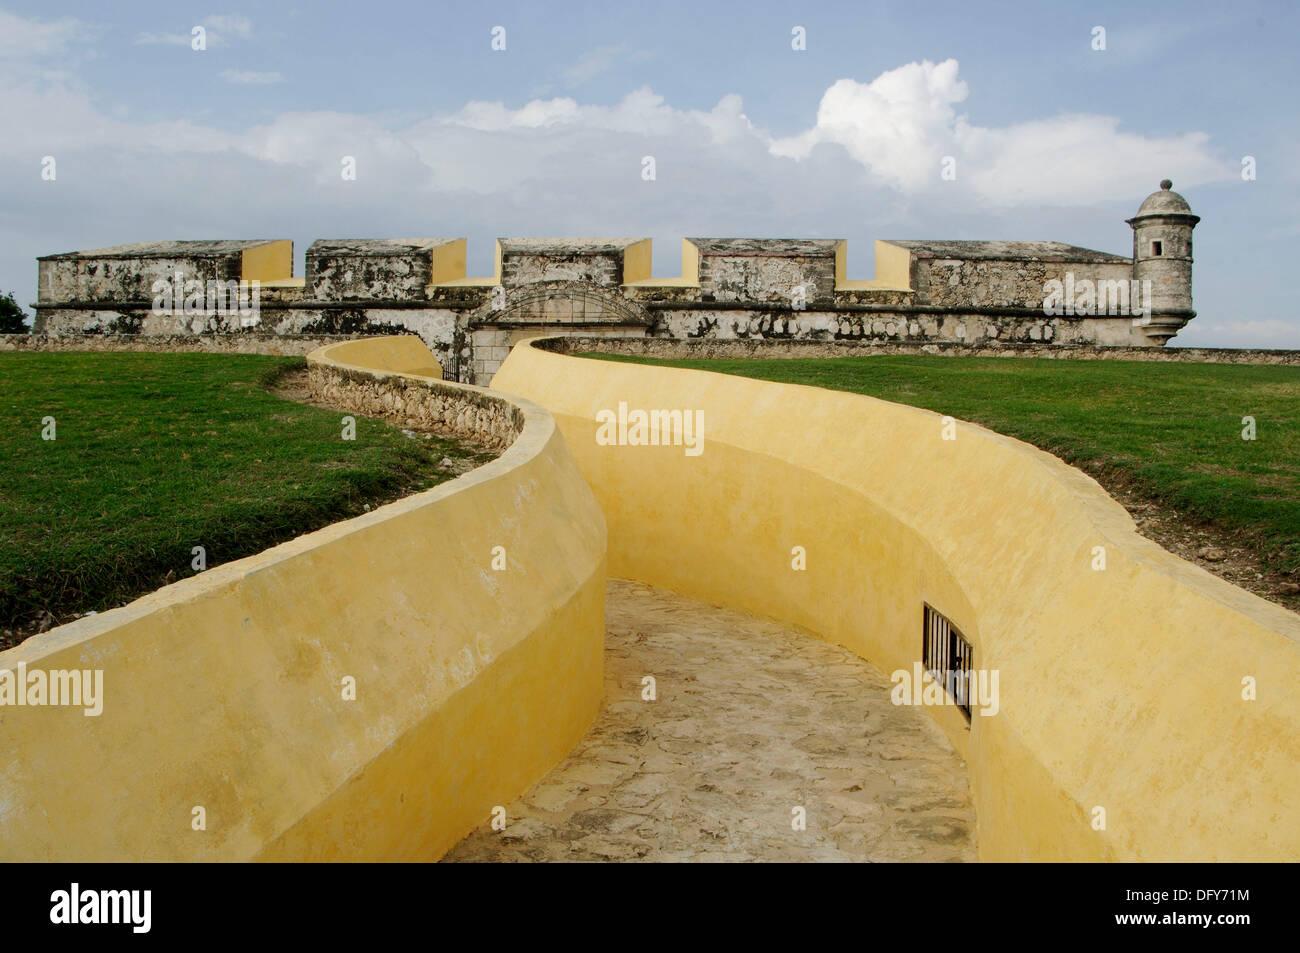 Reducto de San Jose. El Reducto de San José el Alto fue construido en el siglo XVIII por el teniente de rey Jose Sabido Vargas - Stock Image